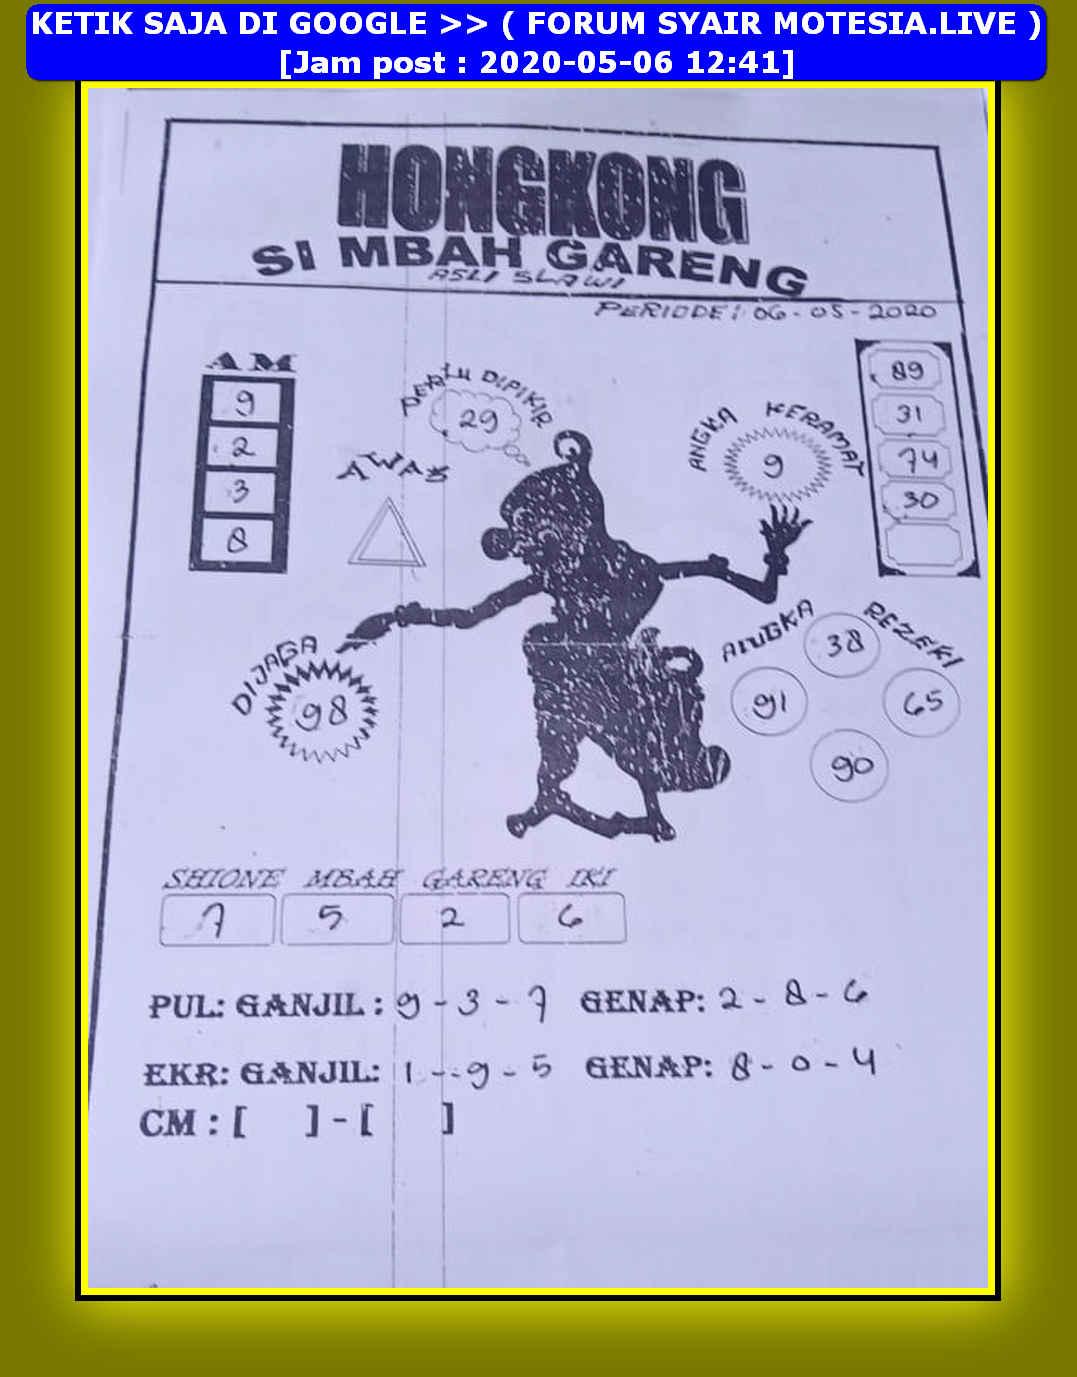 Kode syair Hongkong Rabu 6 Mei 2020 65